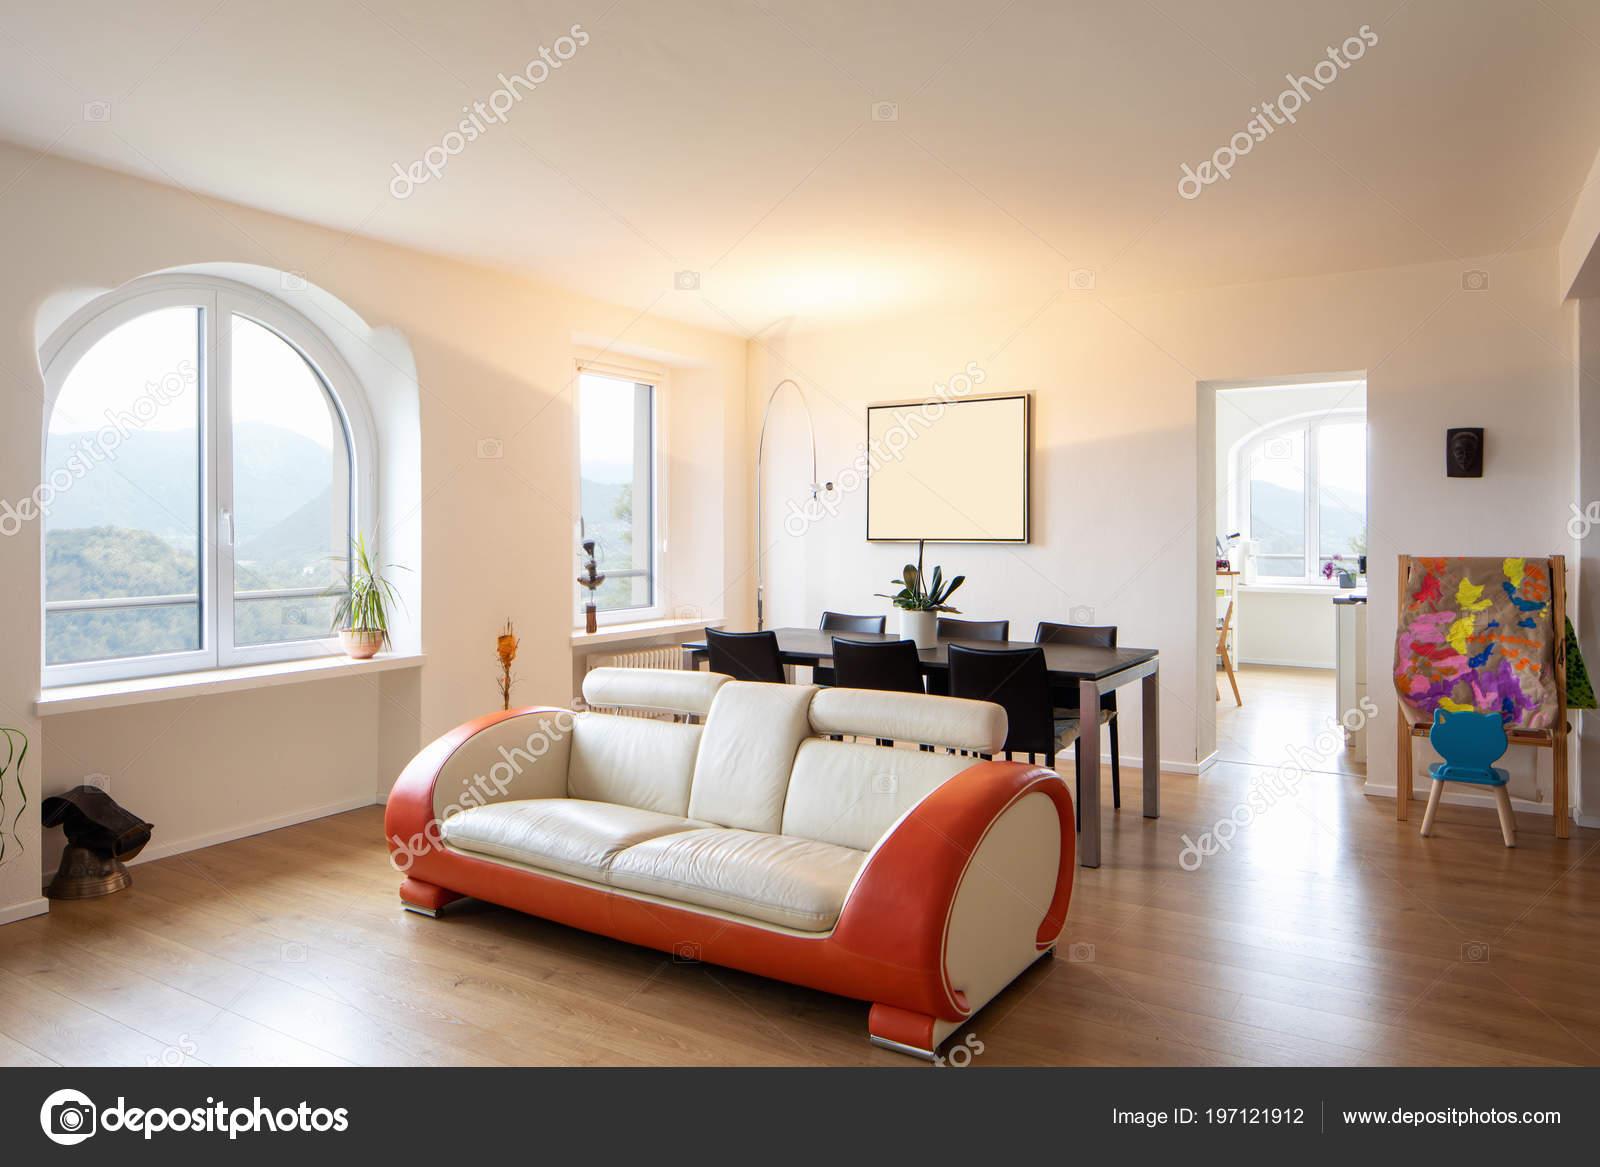 Wohnzimmer Mit Leder Und Parkett Design Sofa Grosse Fenster